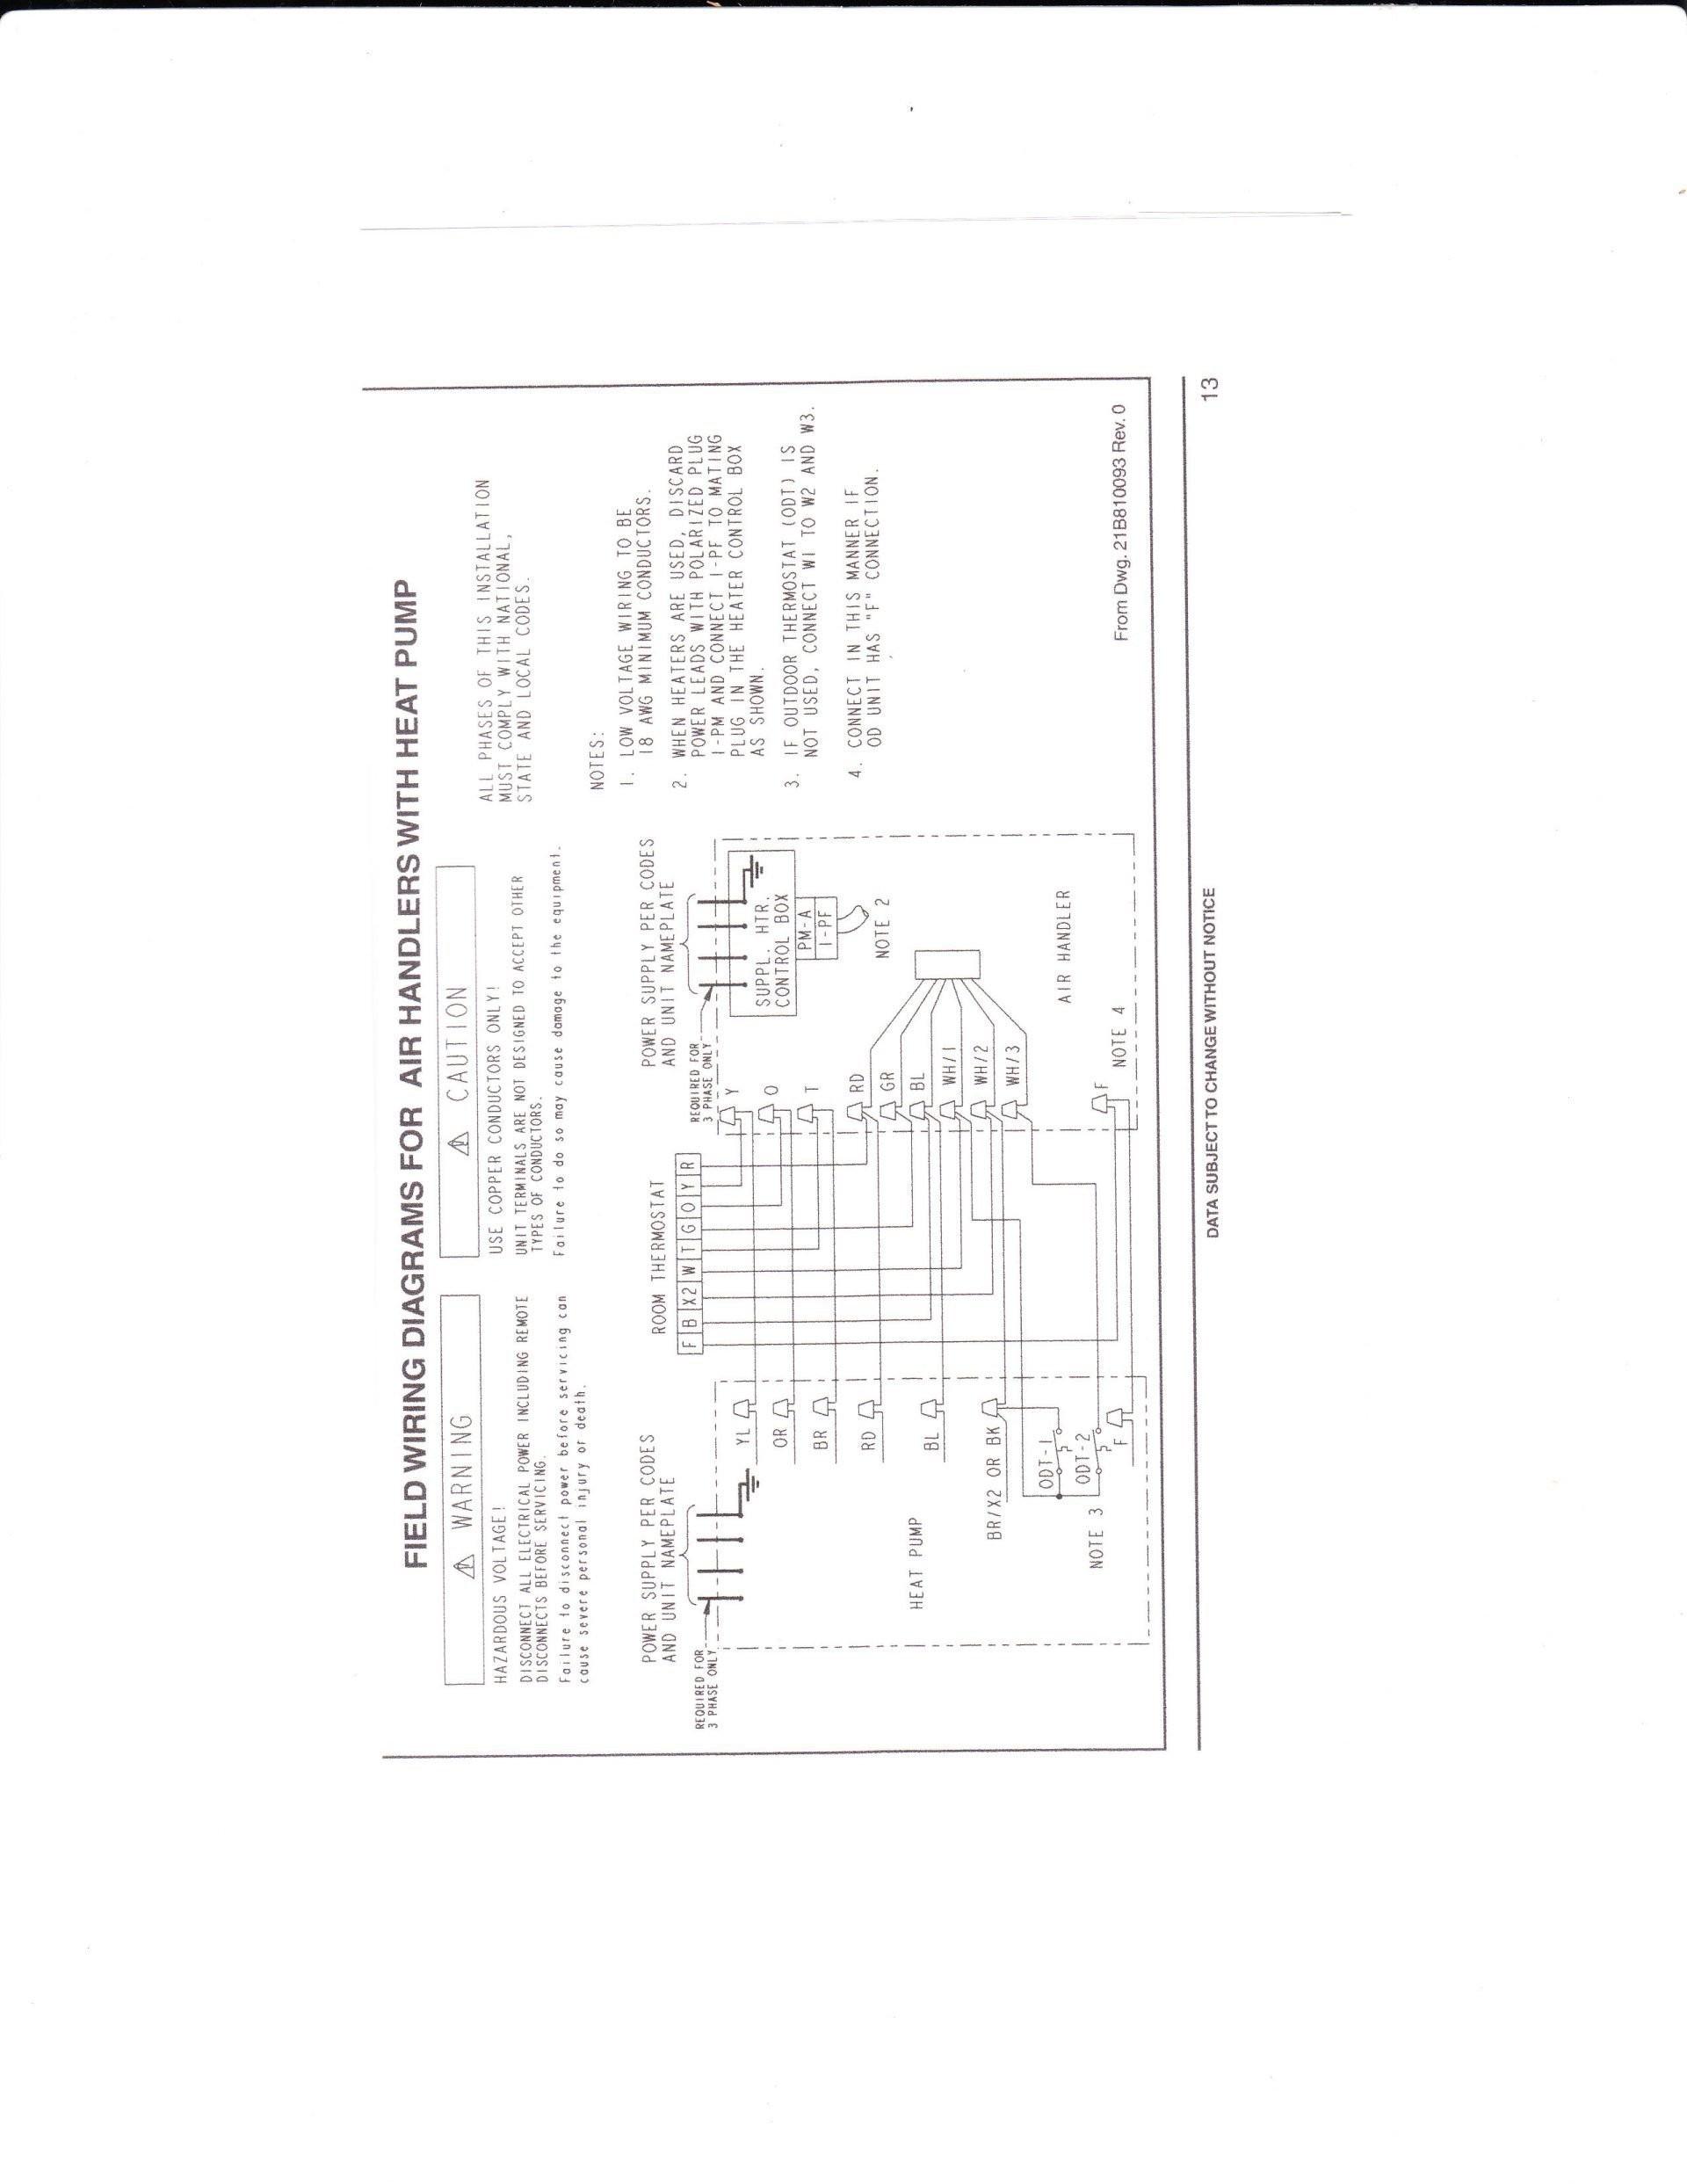 Electric Furnace Wiring Diagram Goodman Electric Furnace Wiring Diagram Shahsramblings Of Electric Furnace Wiring Diagram